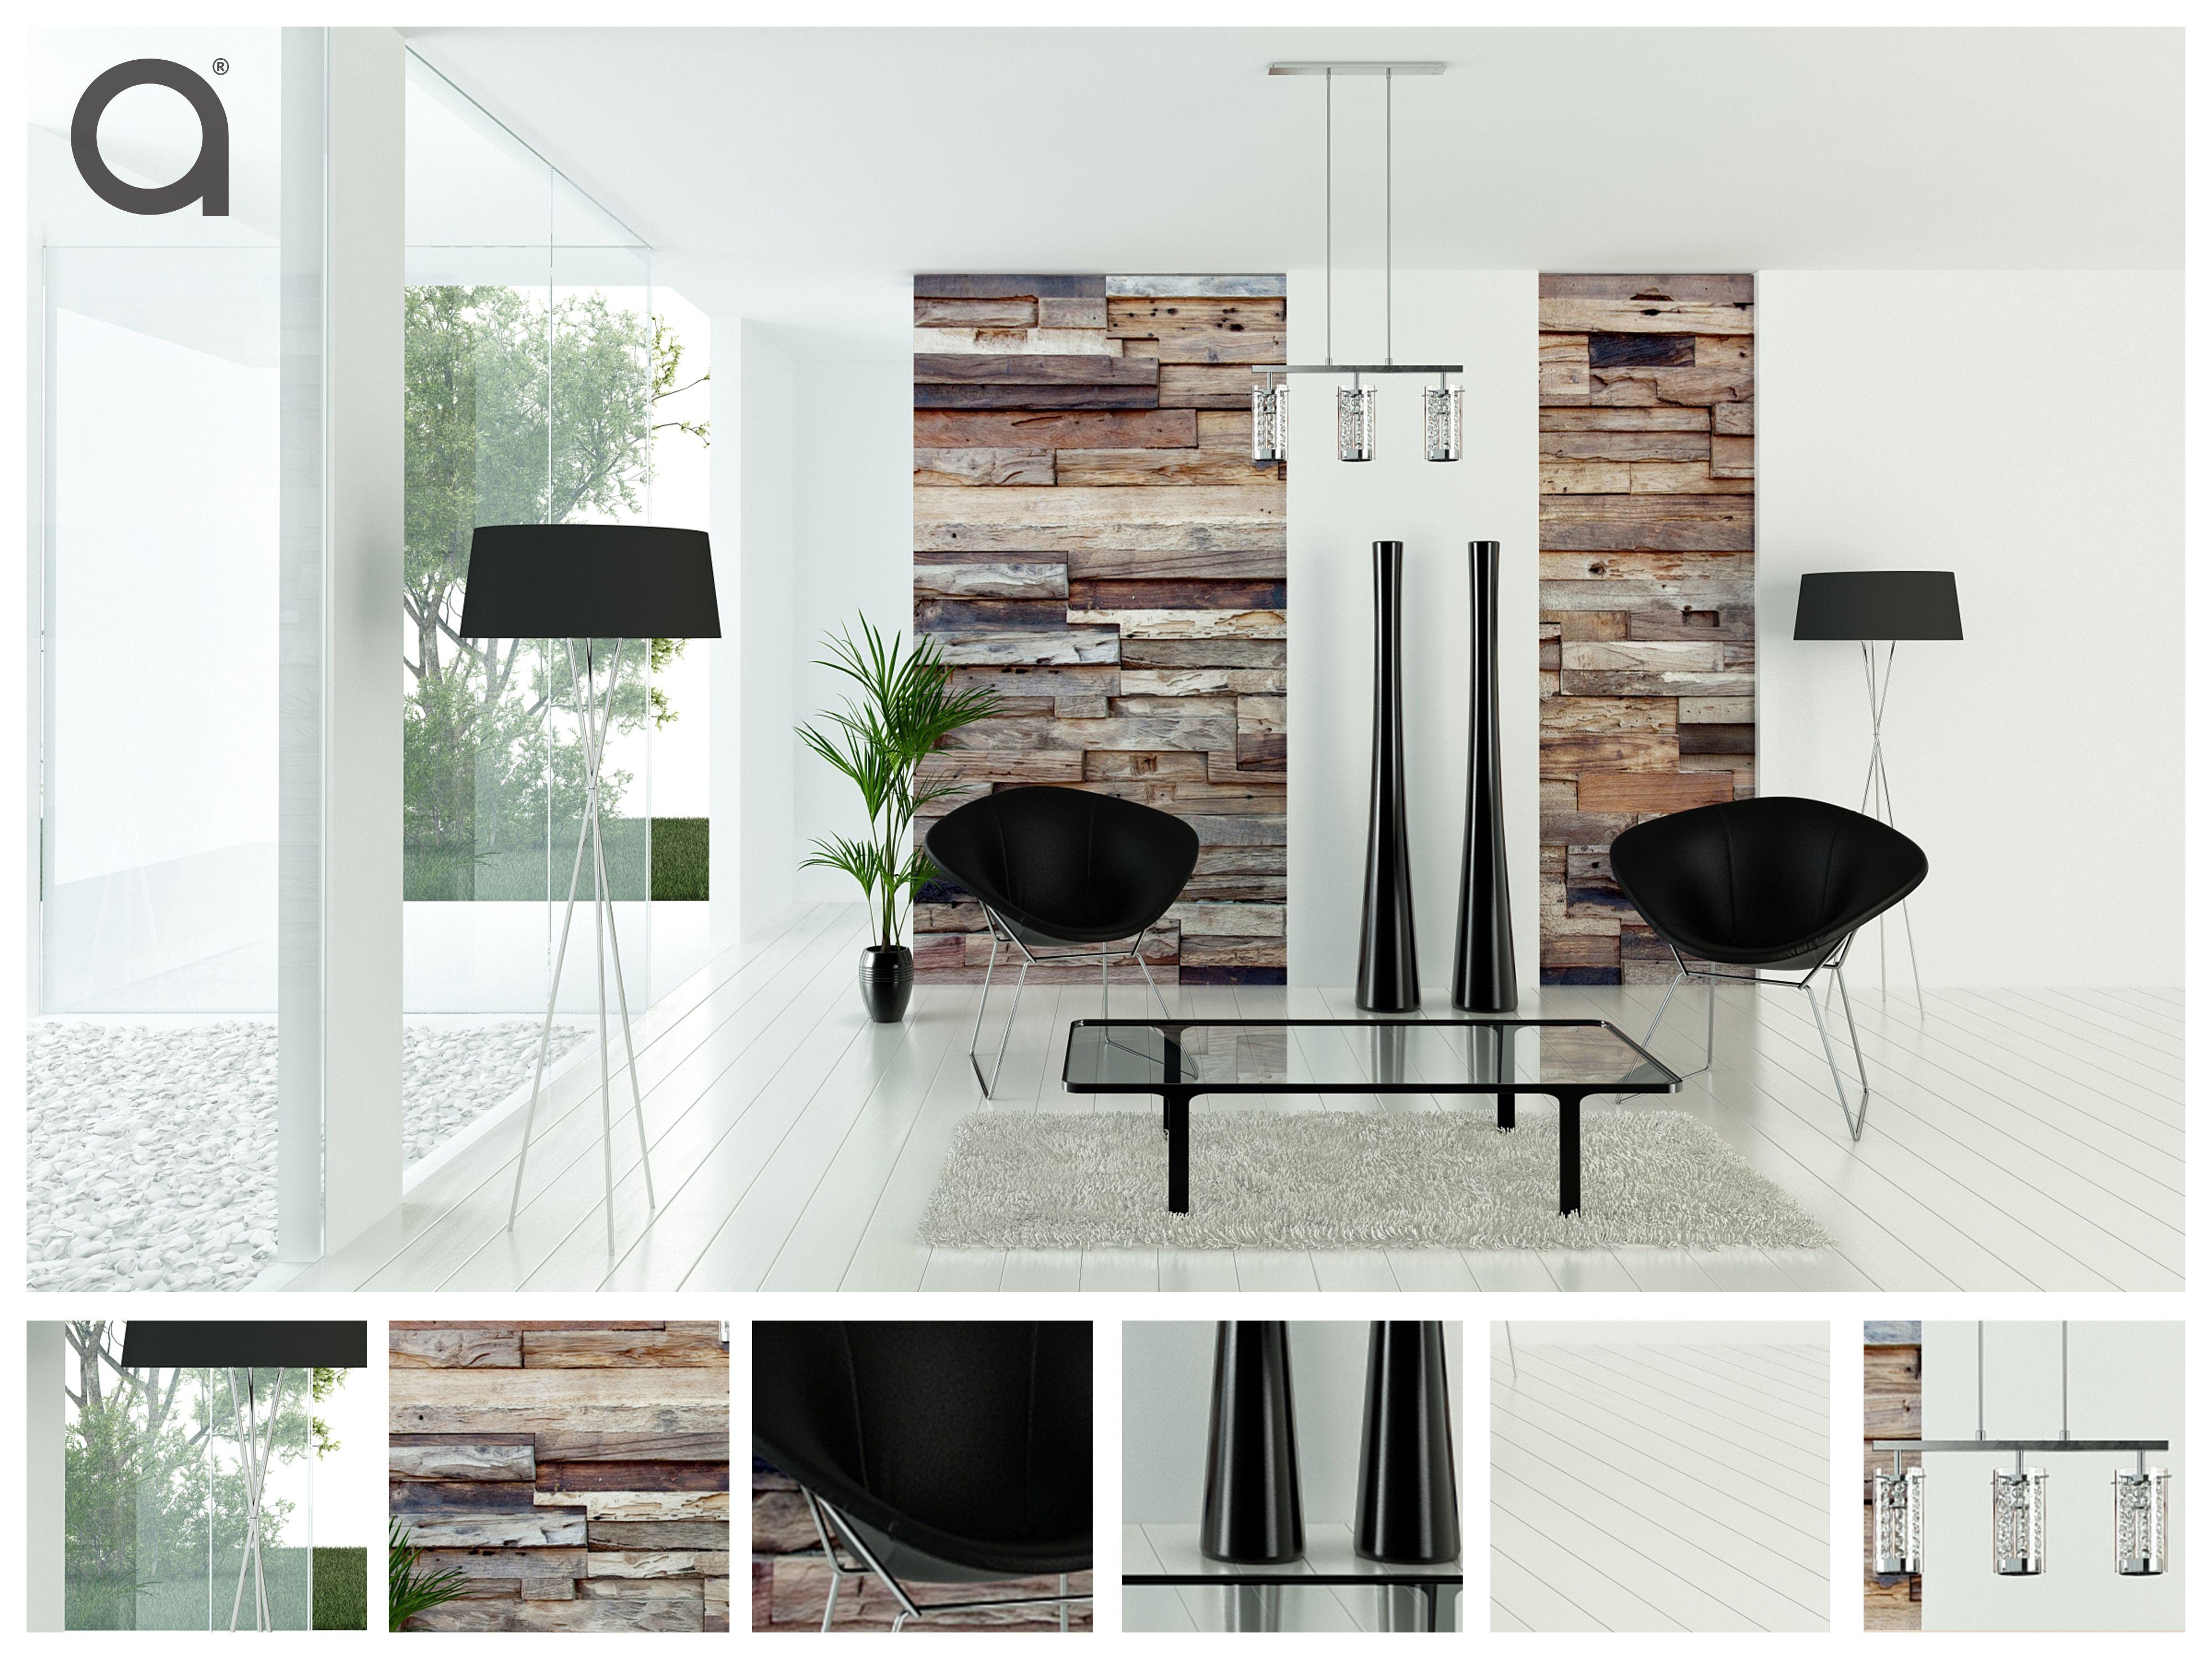 Blanco Y Negro Un Binomio Perfecto Texturas Para Decorar  # Muebles Nikea Campello